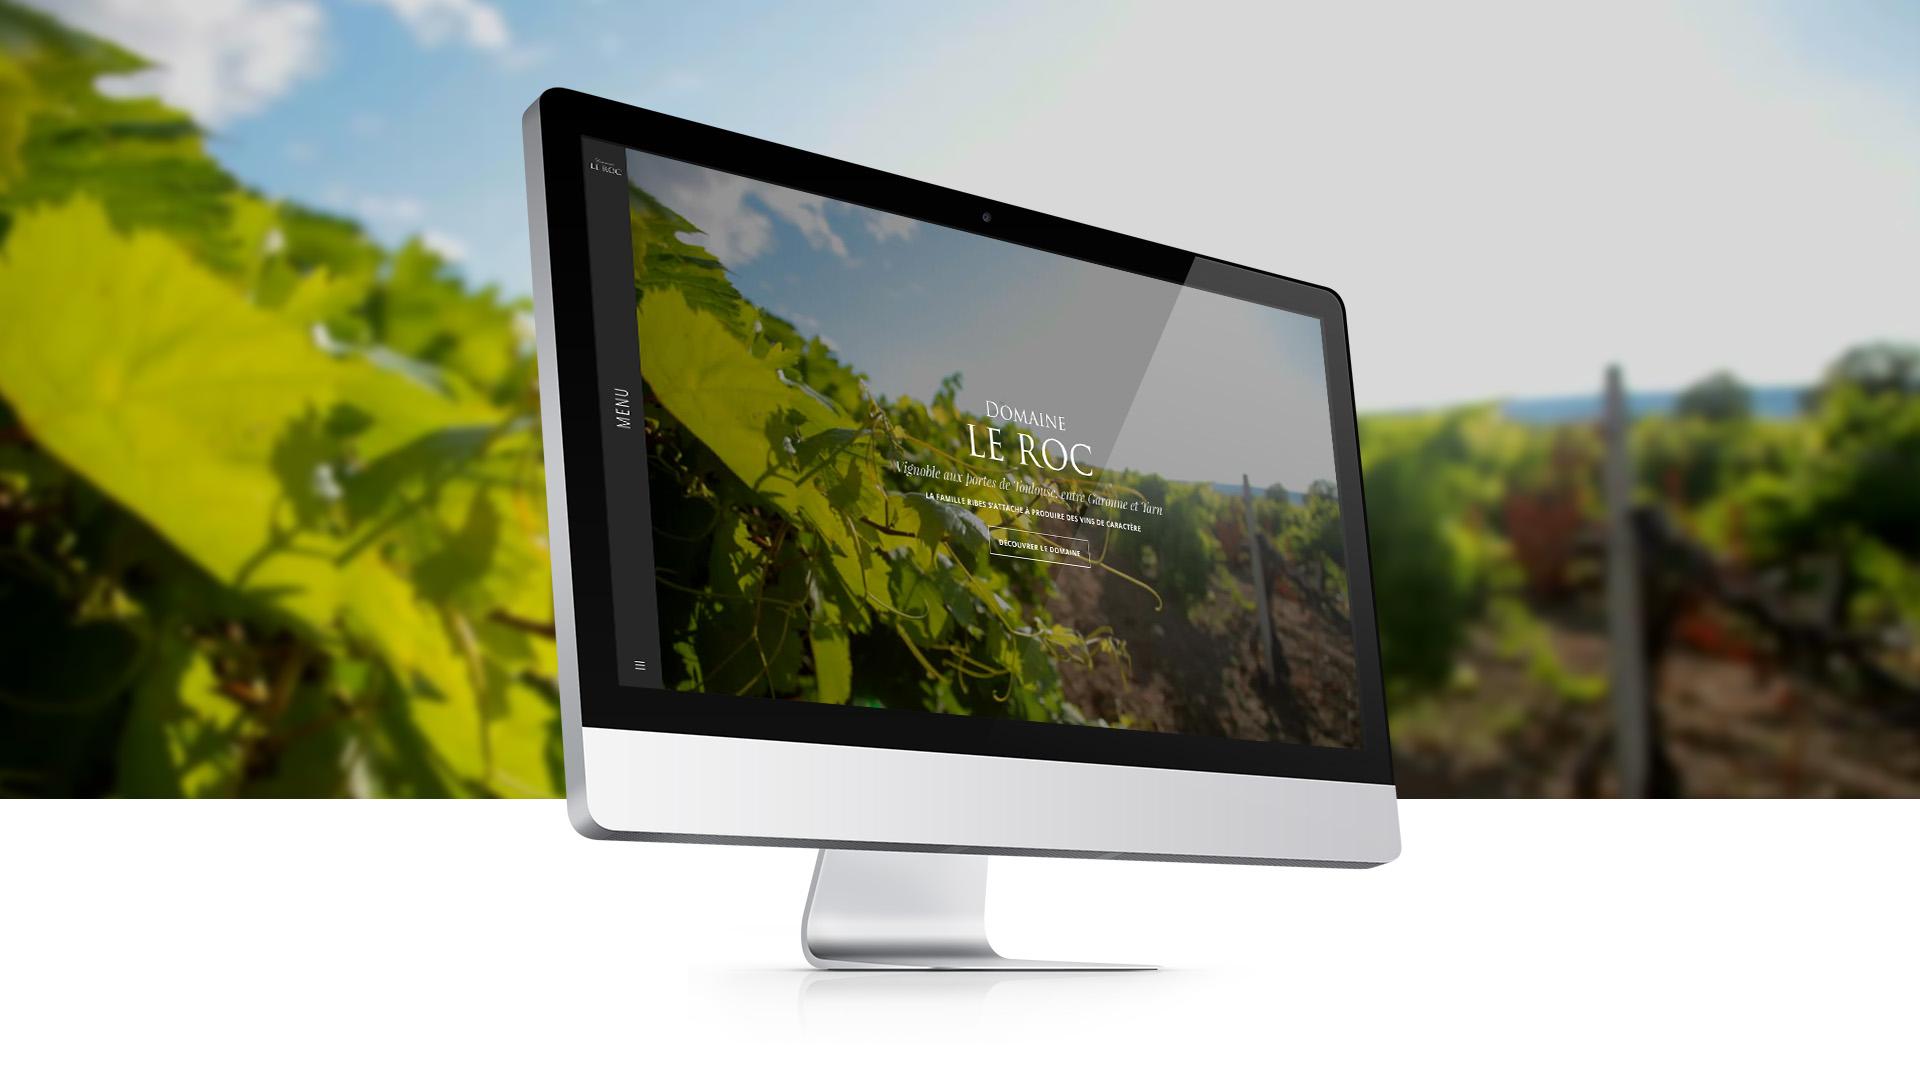 Création de site internet : Domaine Le Roc